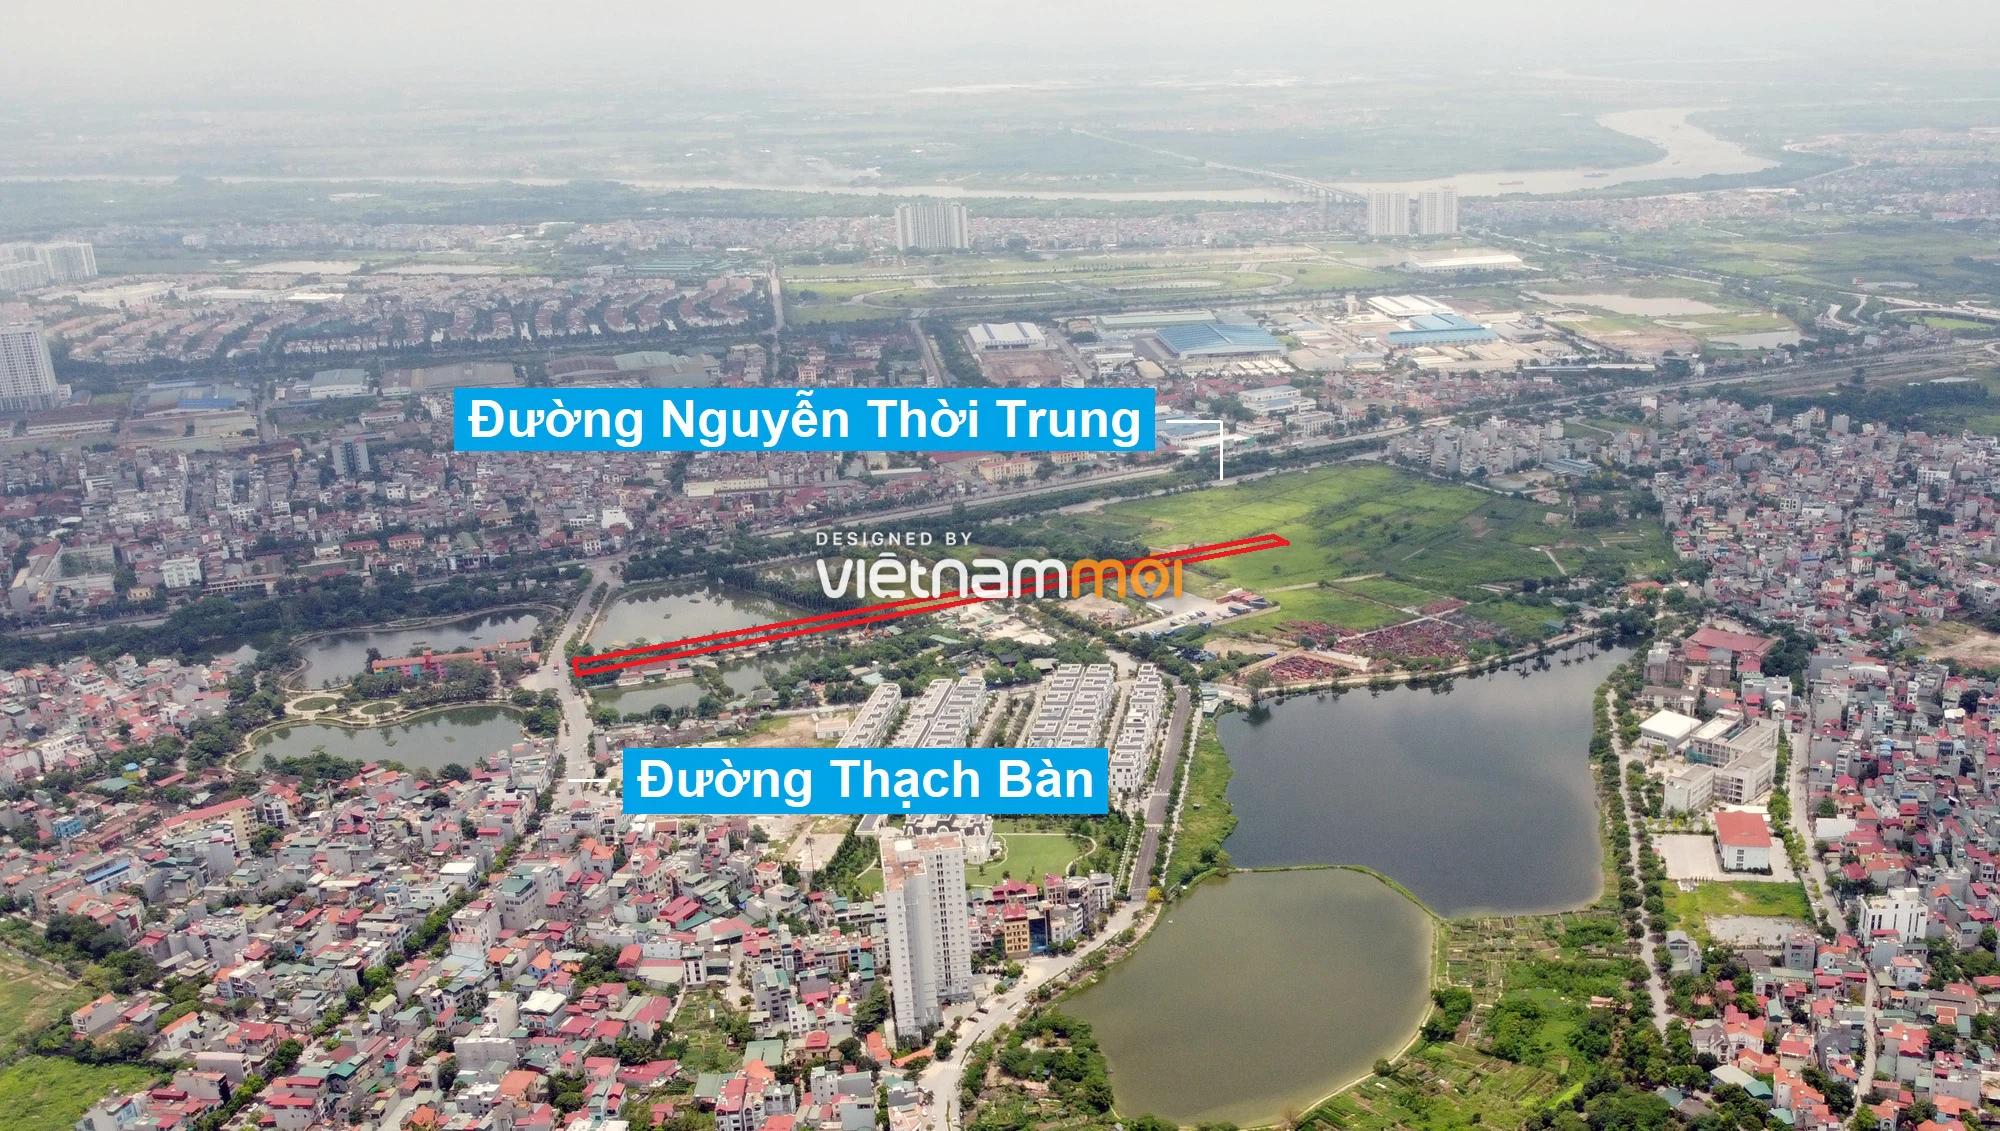 Những khu đất sắp thu hồi để mở đường ở phường Thạch Bàn, Long Biên, Hà Nội (phần 4) - Ảnh 7.